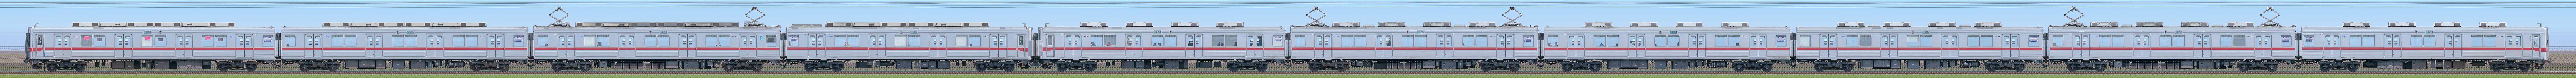 東武10030型11634編成(山側)の編成サイドビュー